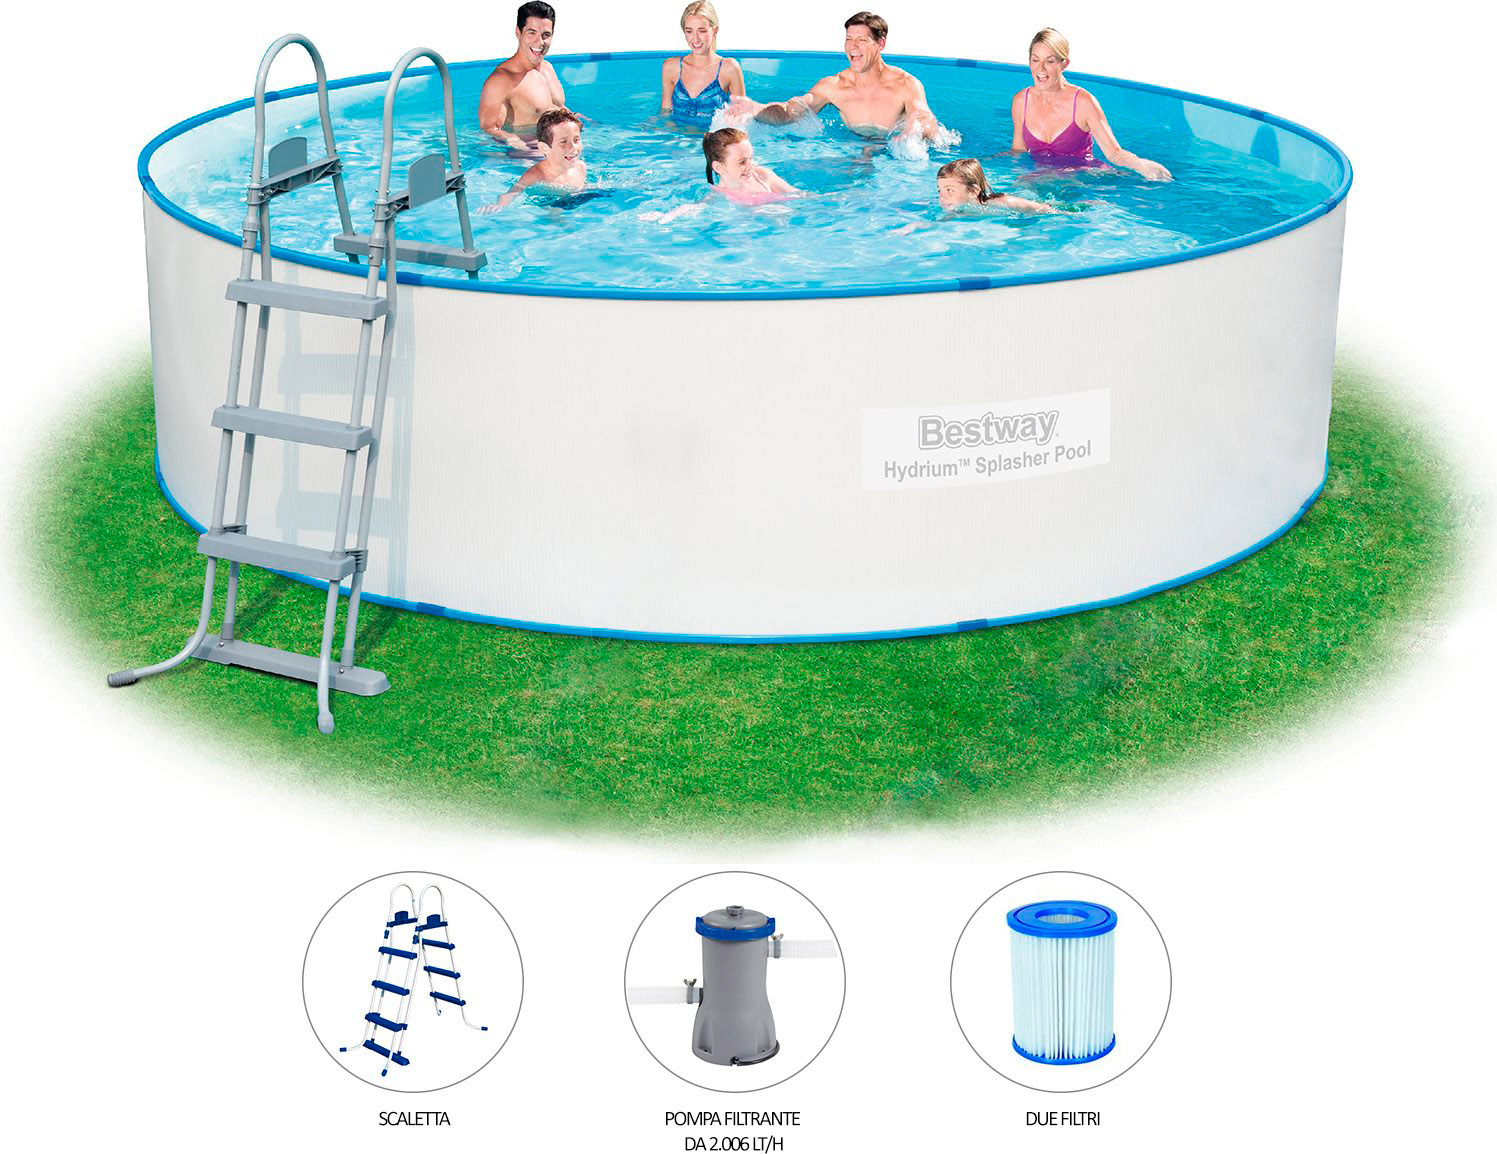 Piscina fuori terra rigida bestway in acciaio rotonda for Accessori piscine fuori terra bestway